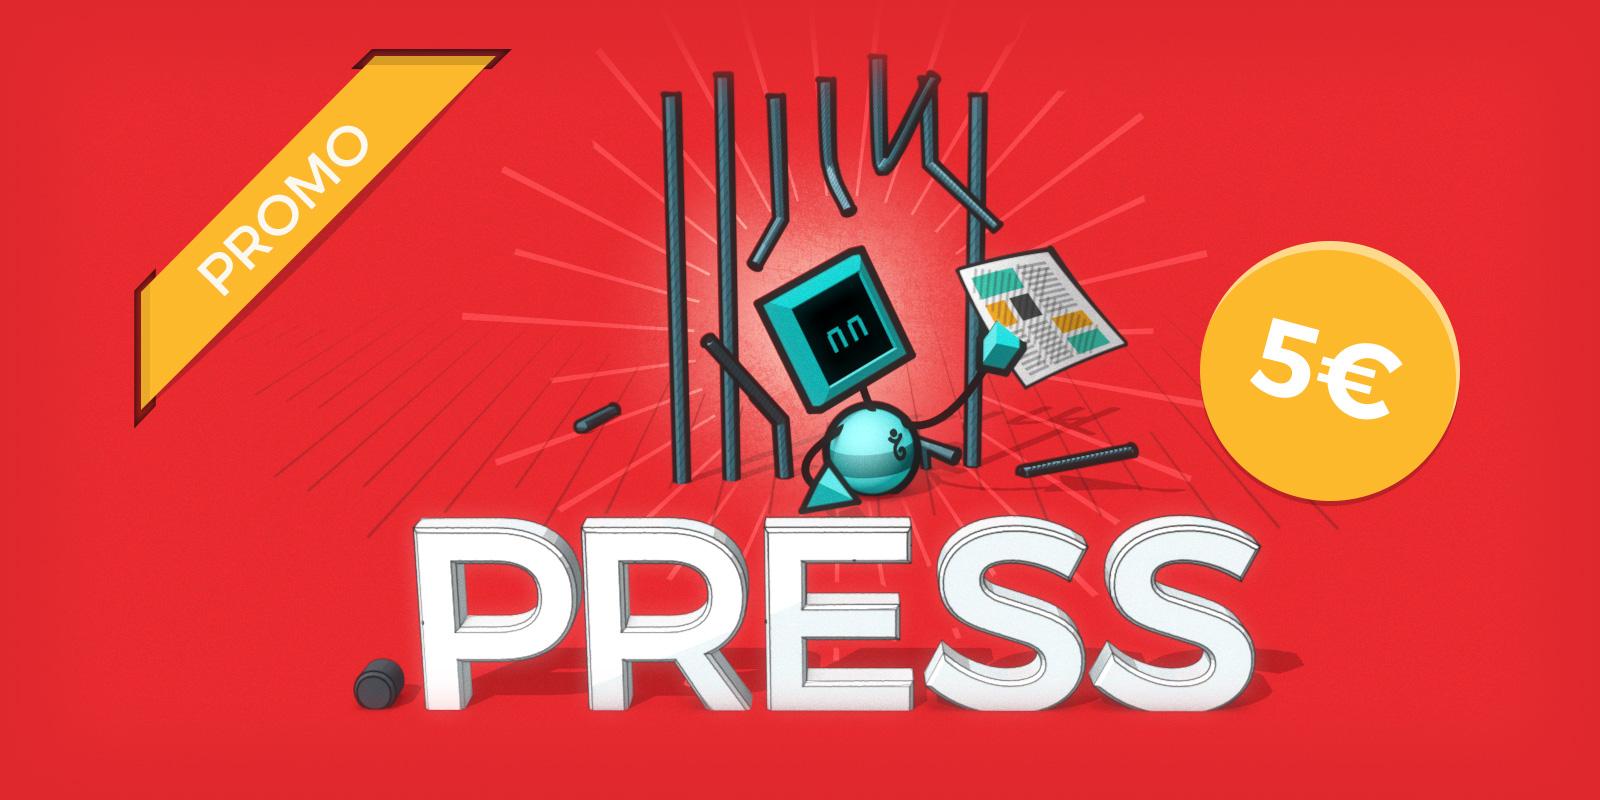 Un nombre de dominio para la libertad de prensa